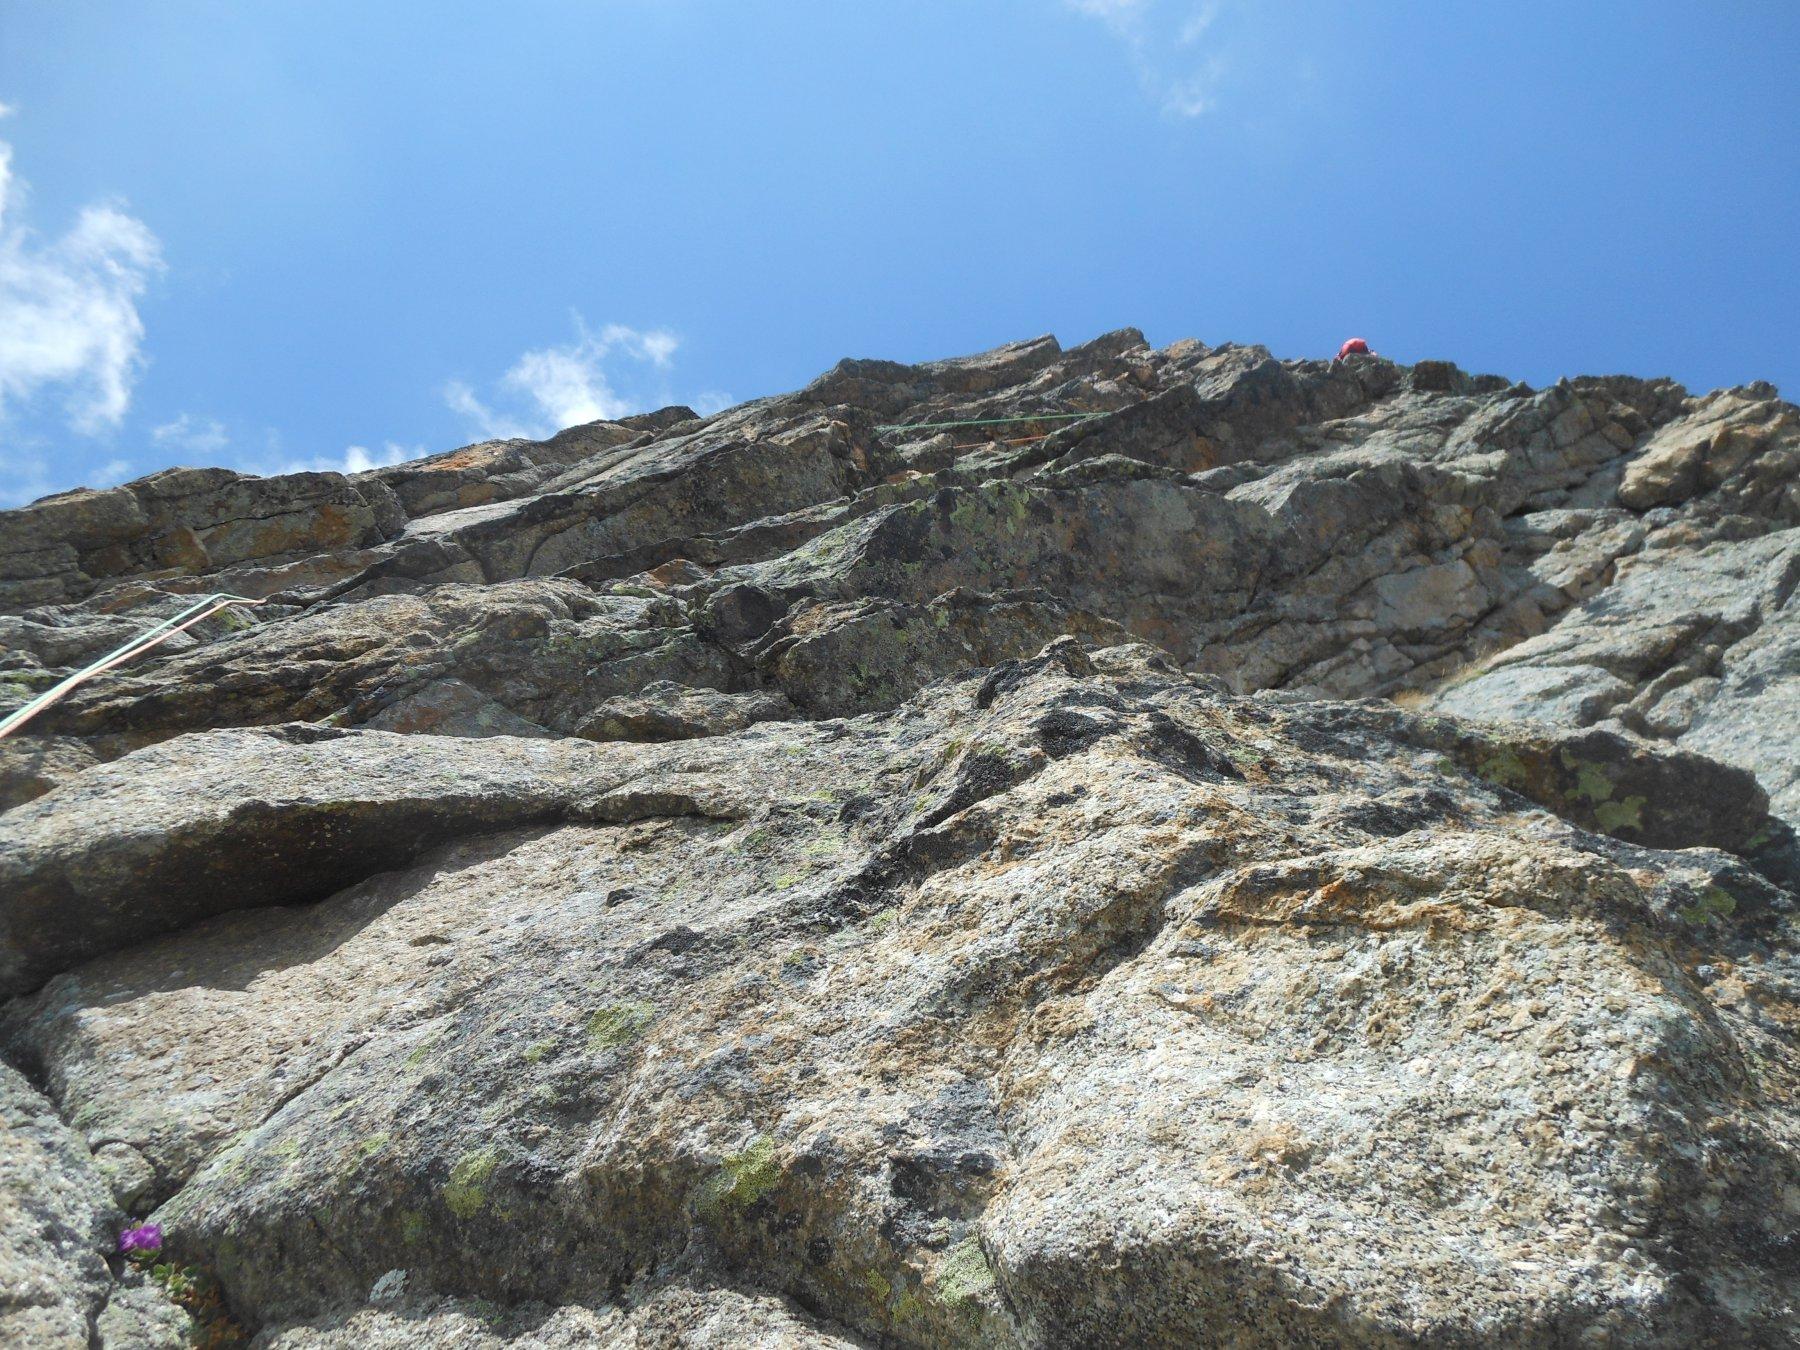 sistema di cenge e muretti per la fine, ottima roccia